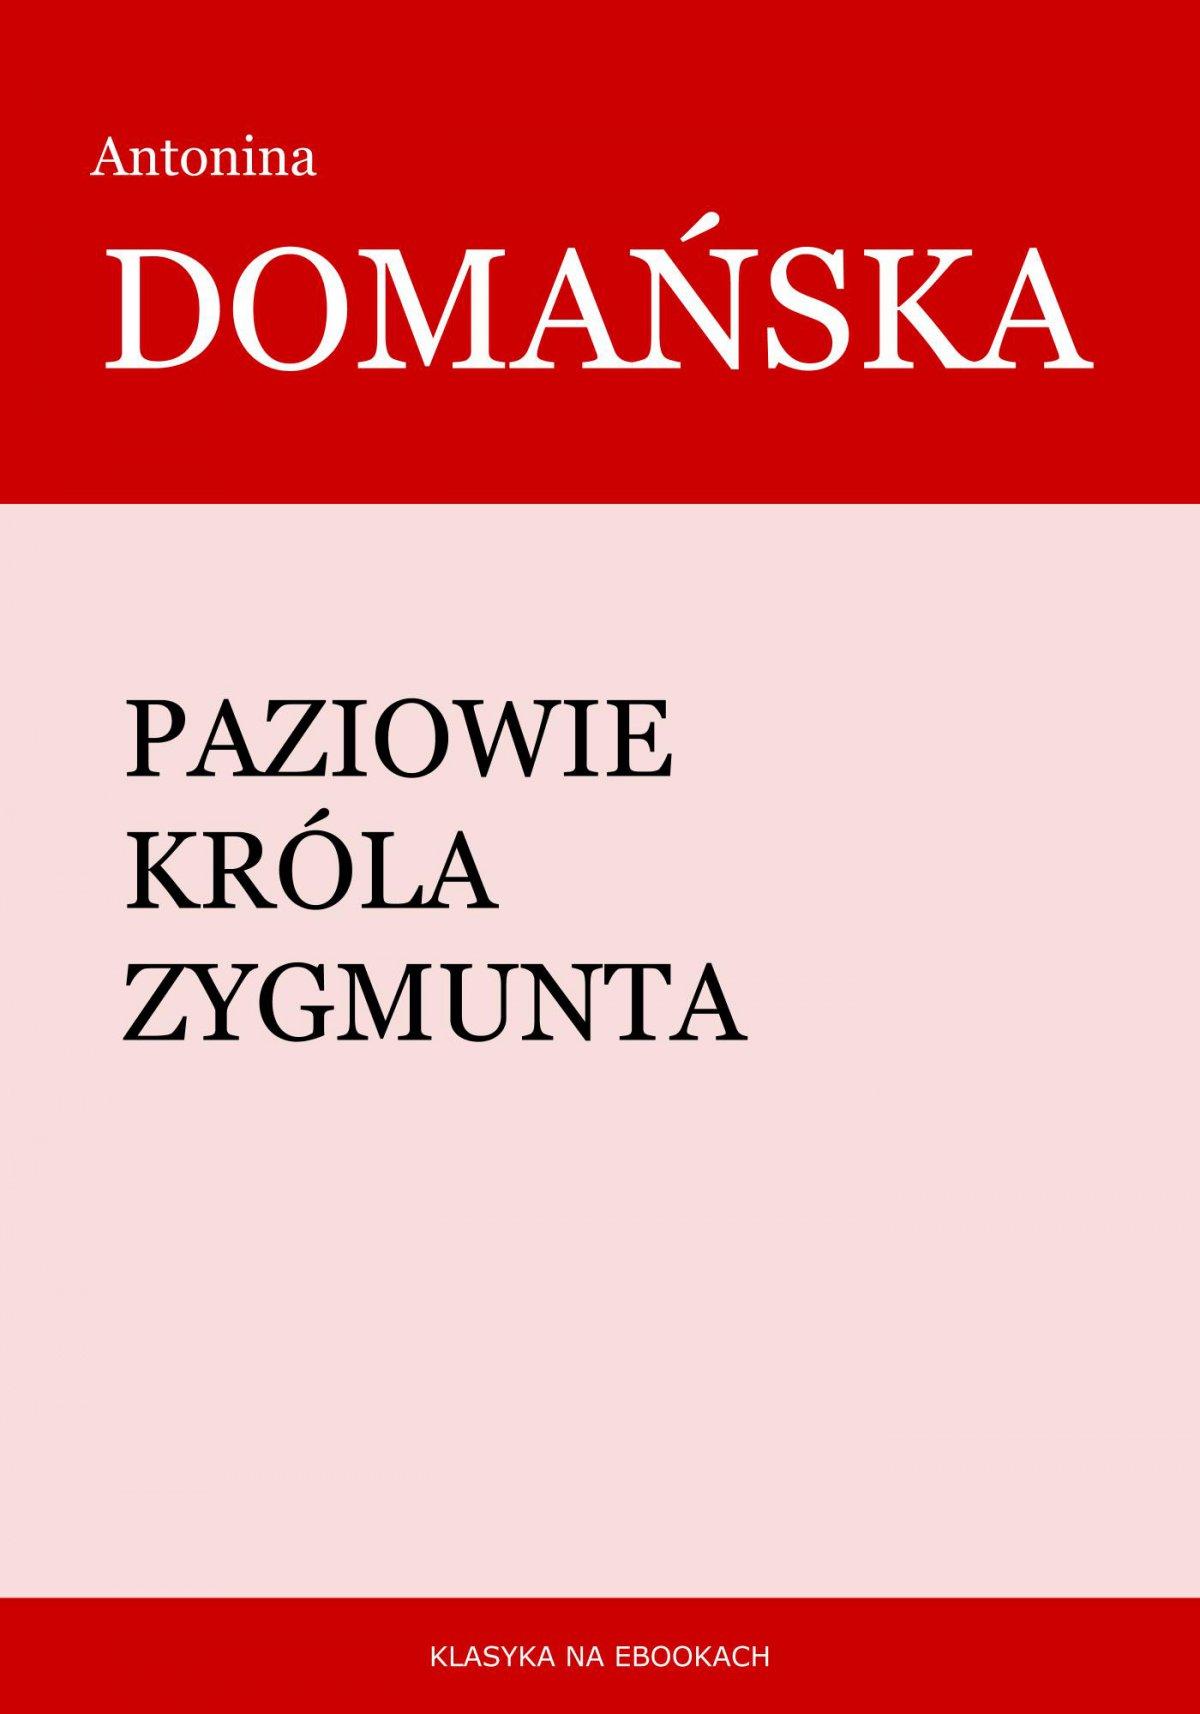 Paziowie króla Zygmunta - Ebook (Książka EPUB) do pobrania w formacie EPUB